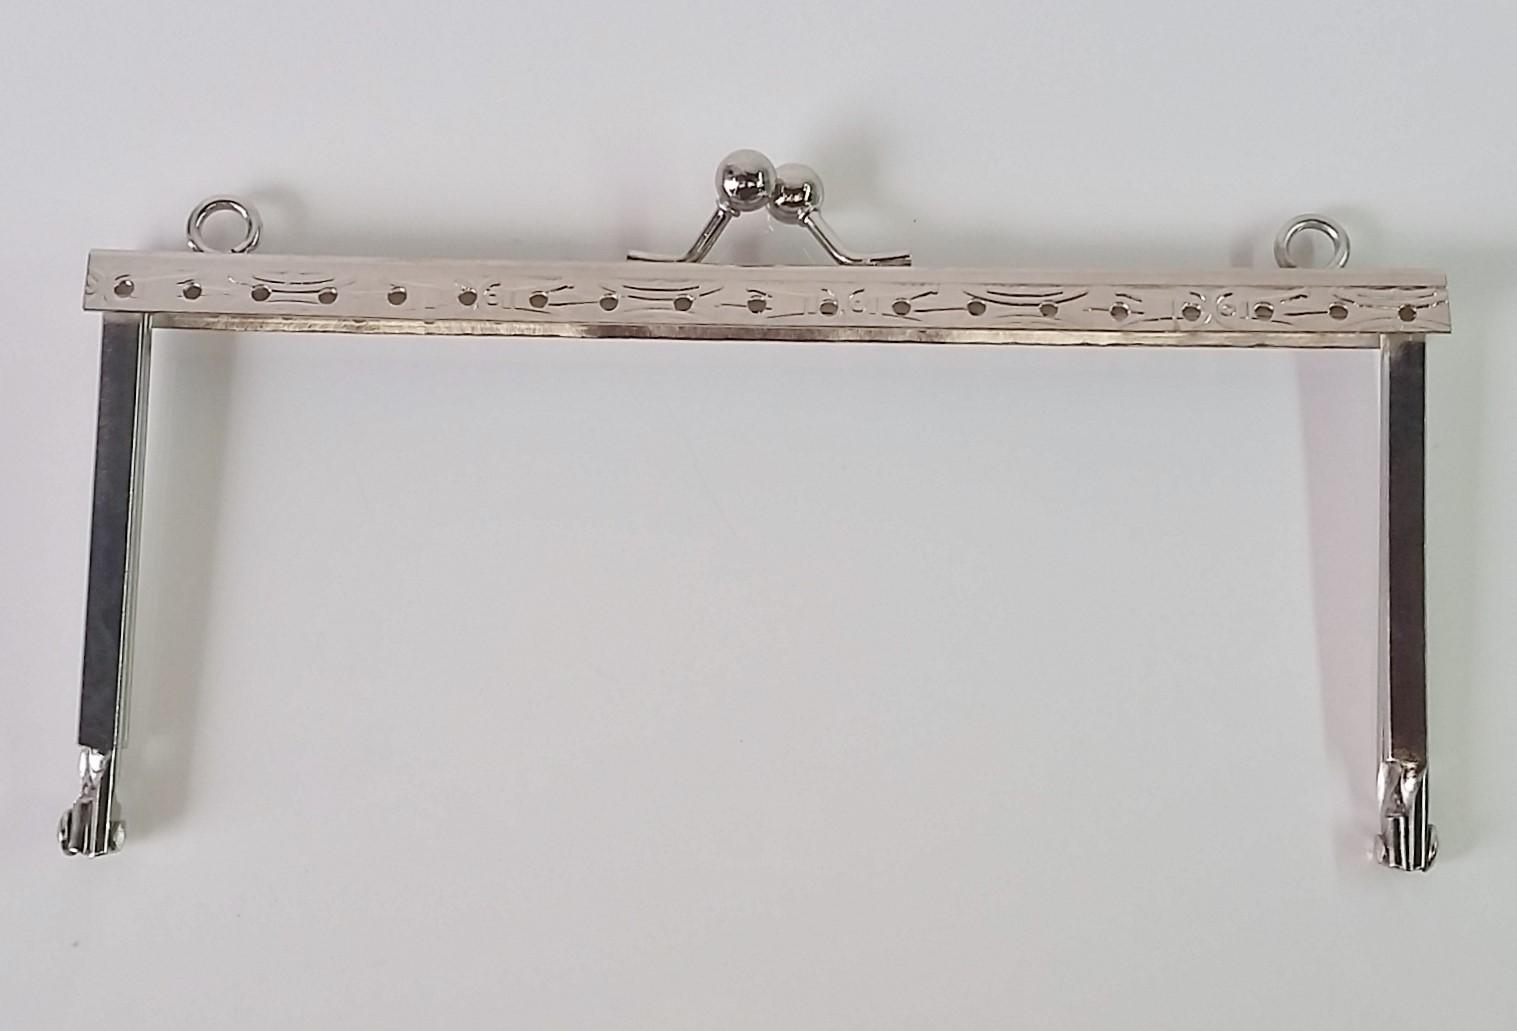 Armação 14cm x 6cm Desenhada com furos e argolas Niquelada